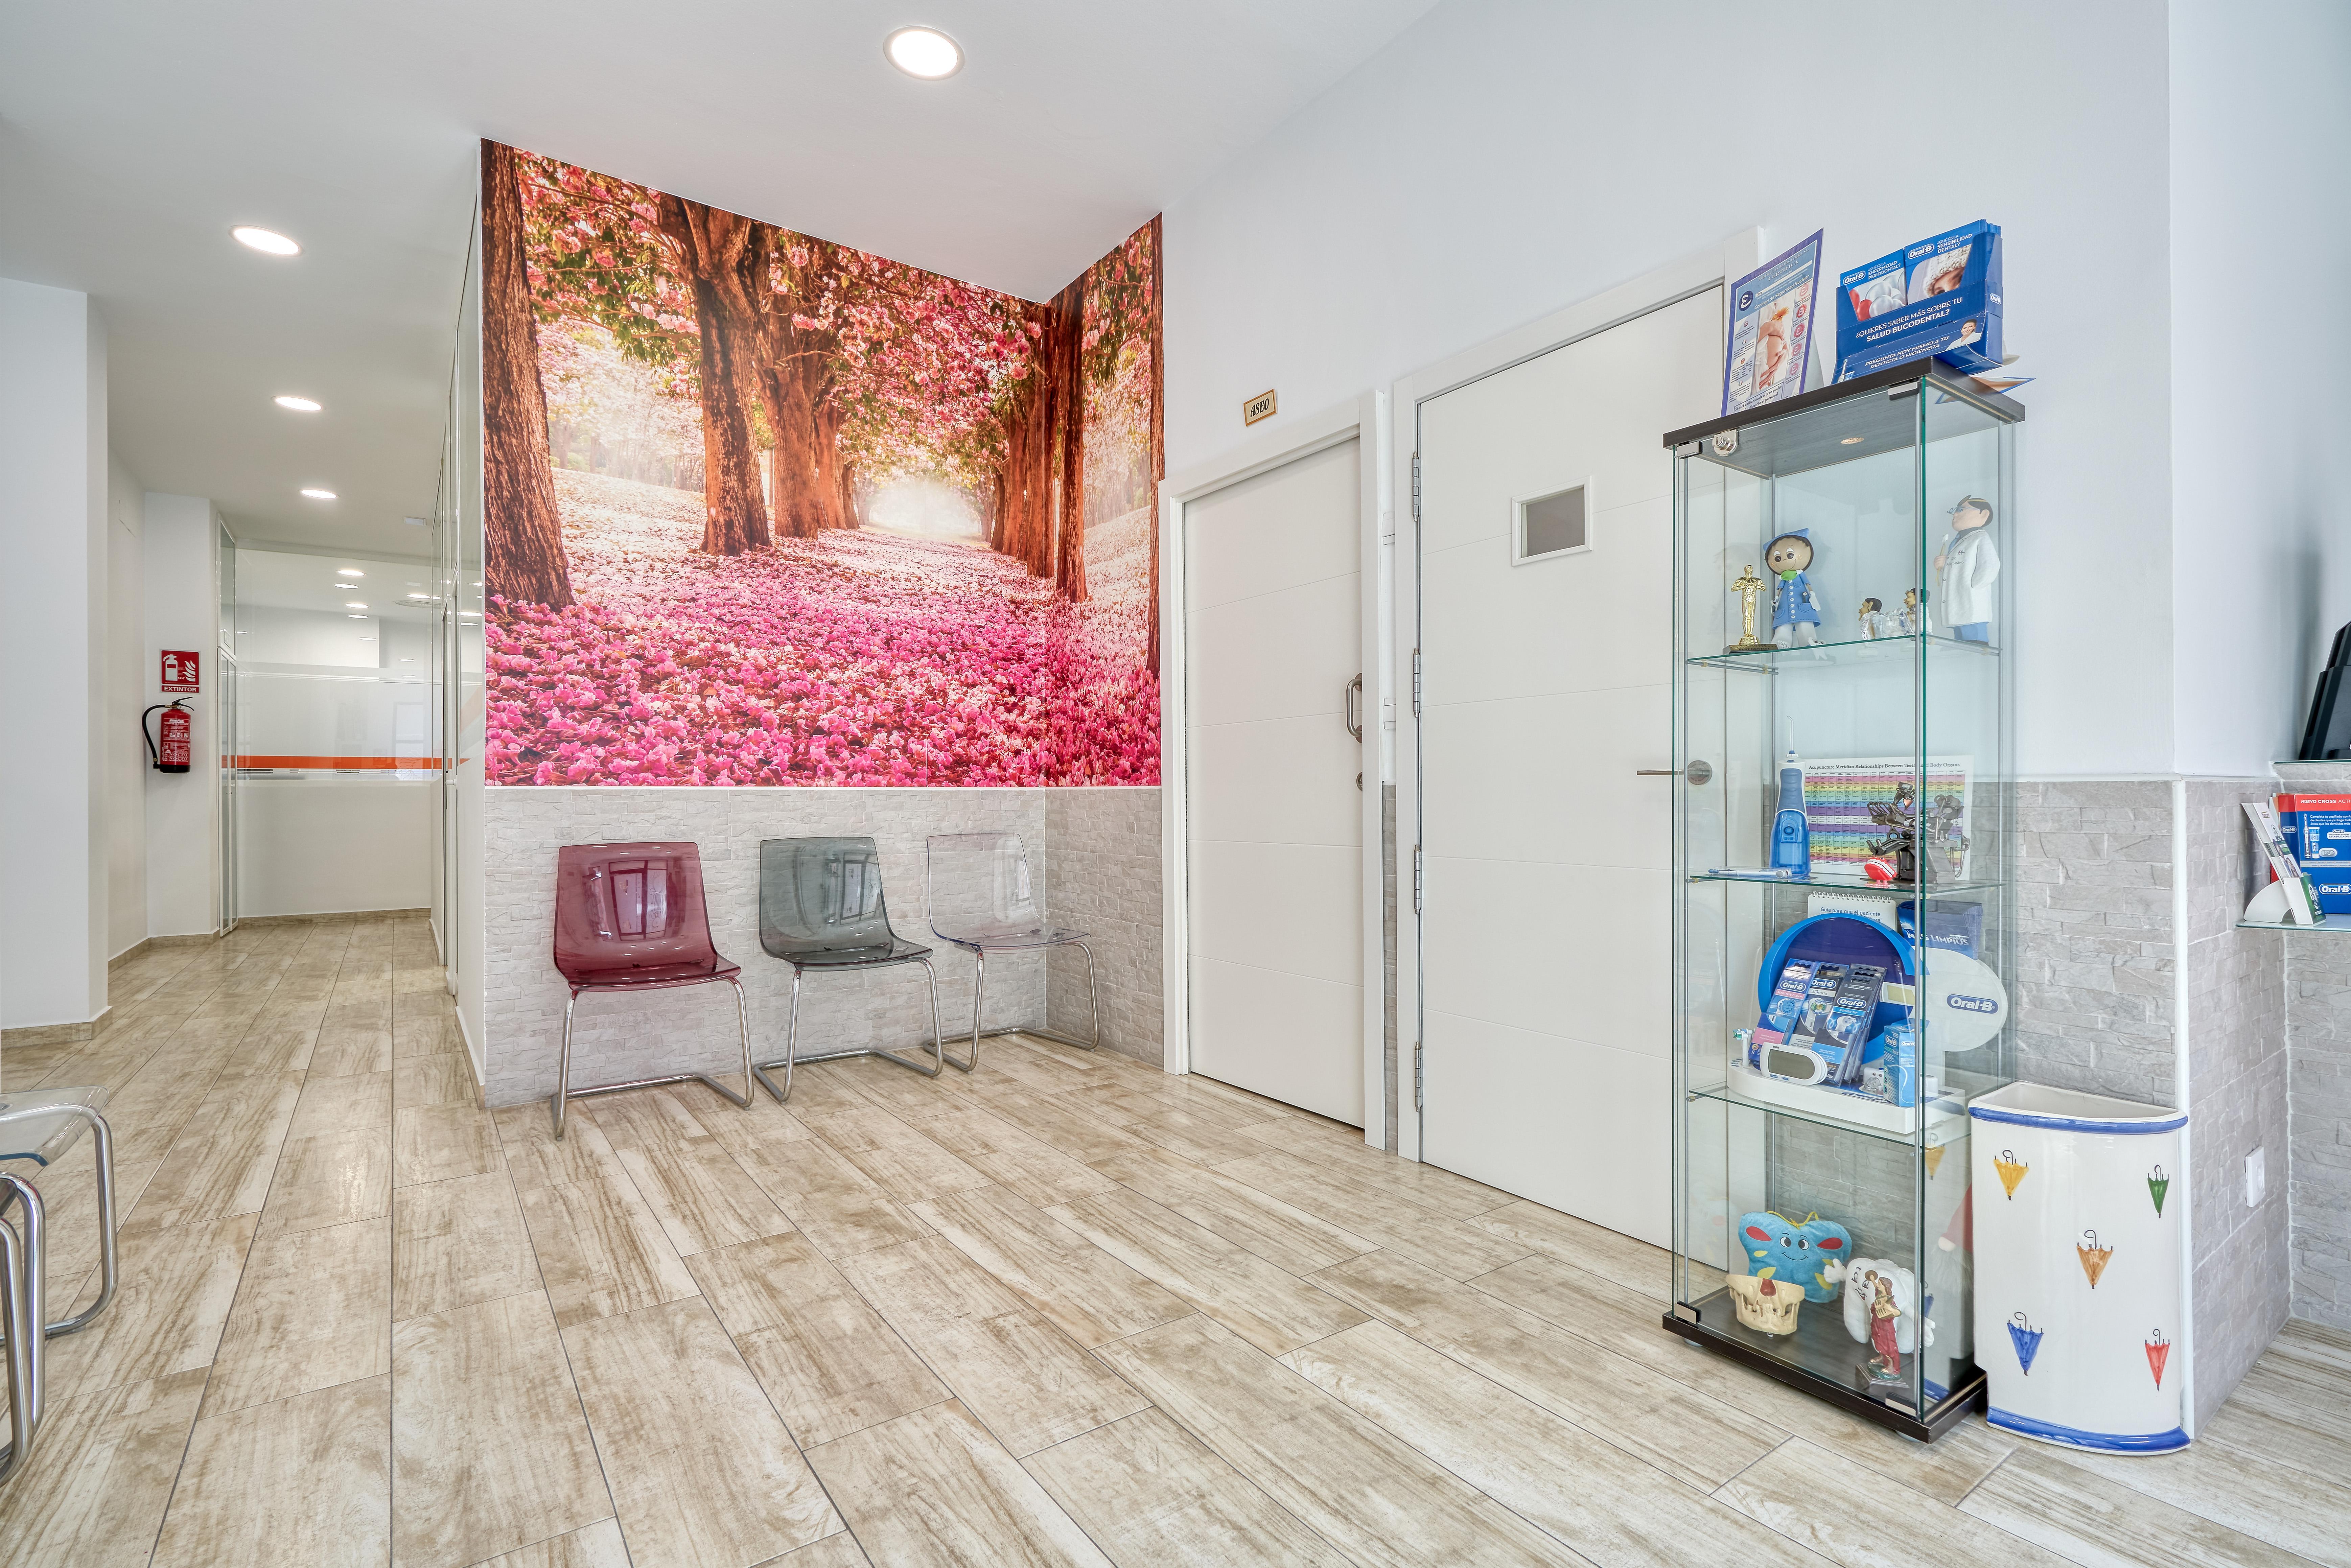 Sala de espera con mural en la pared de un bosque con el suelo lleno de flores rosas